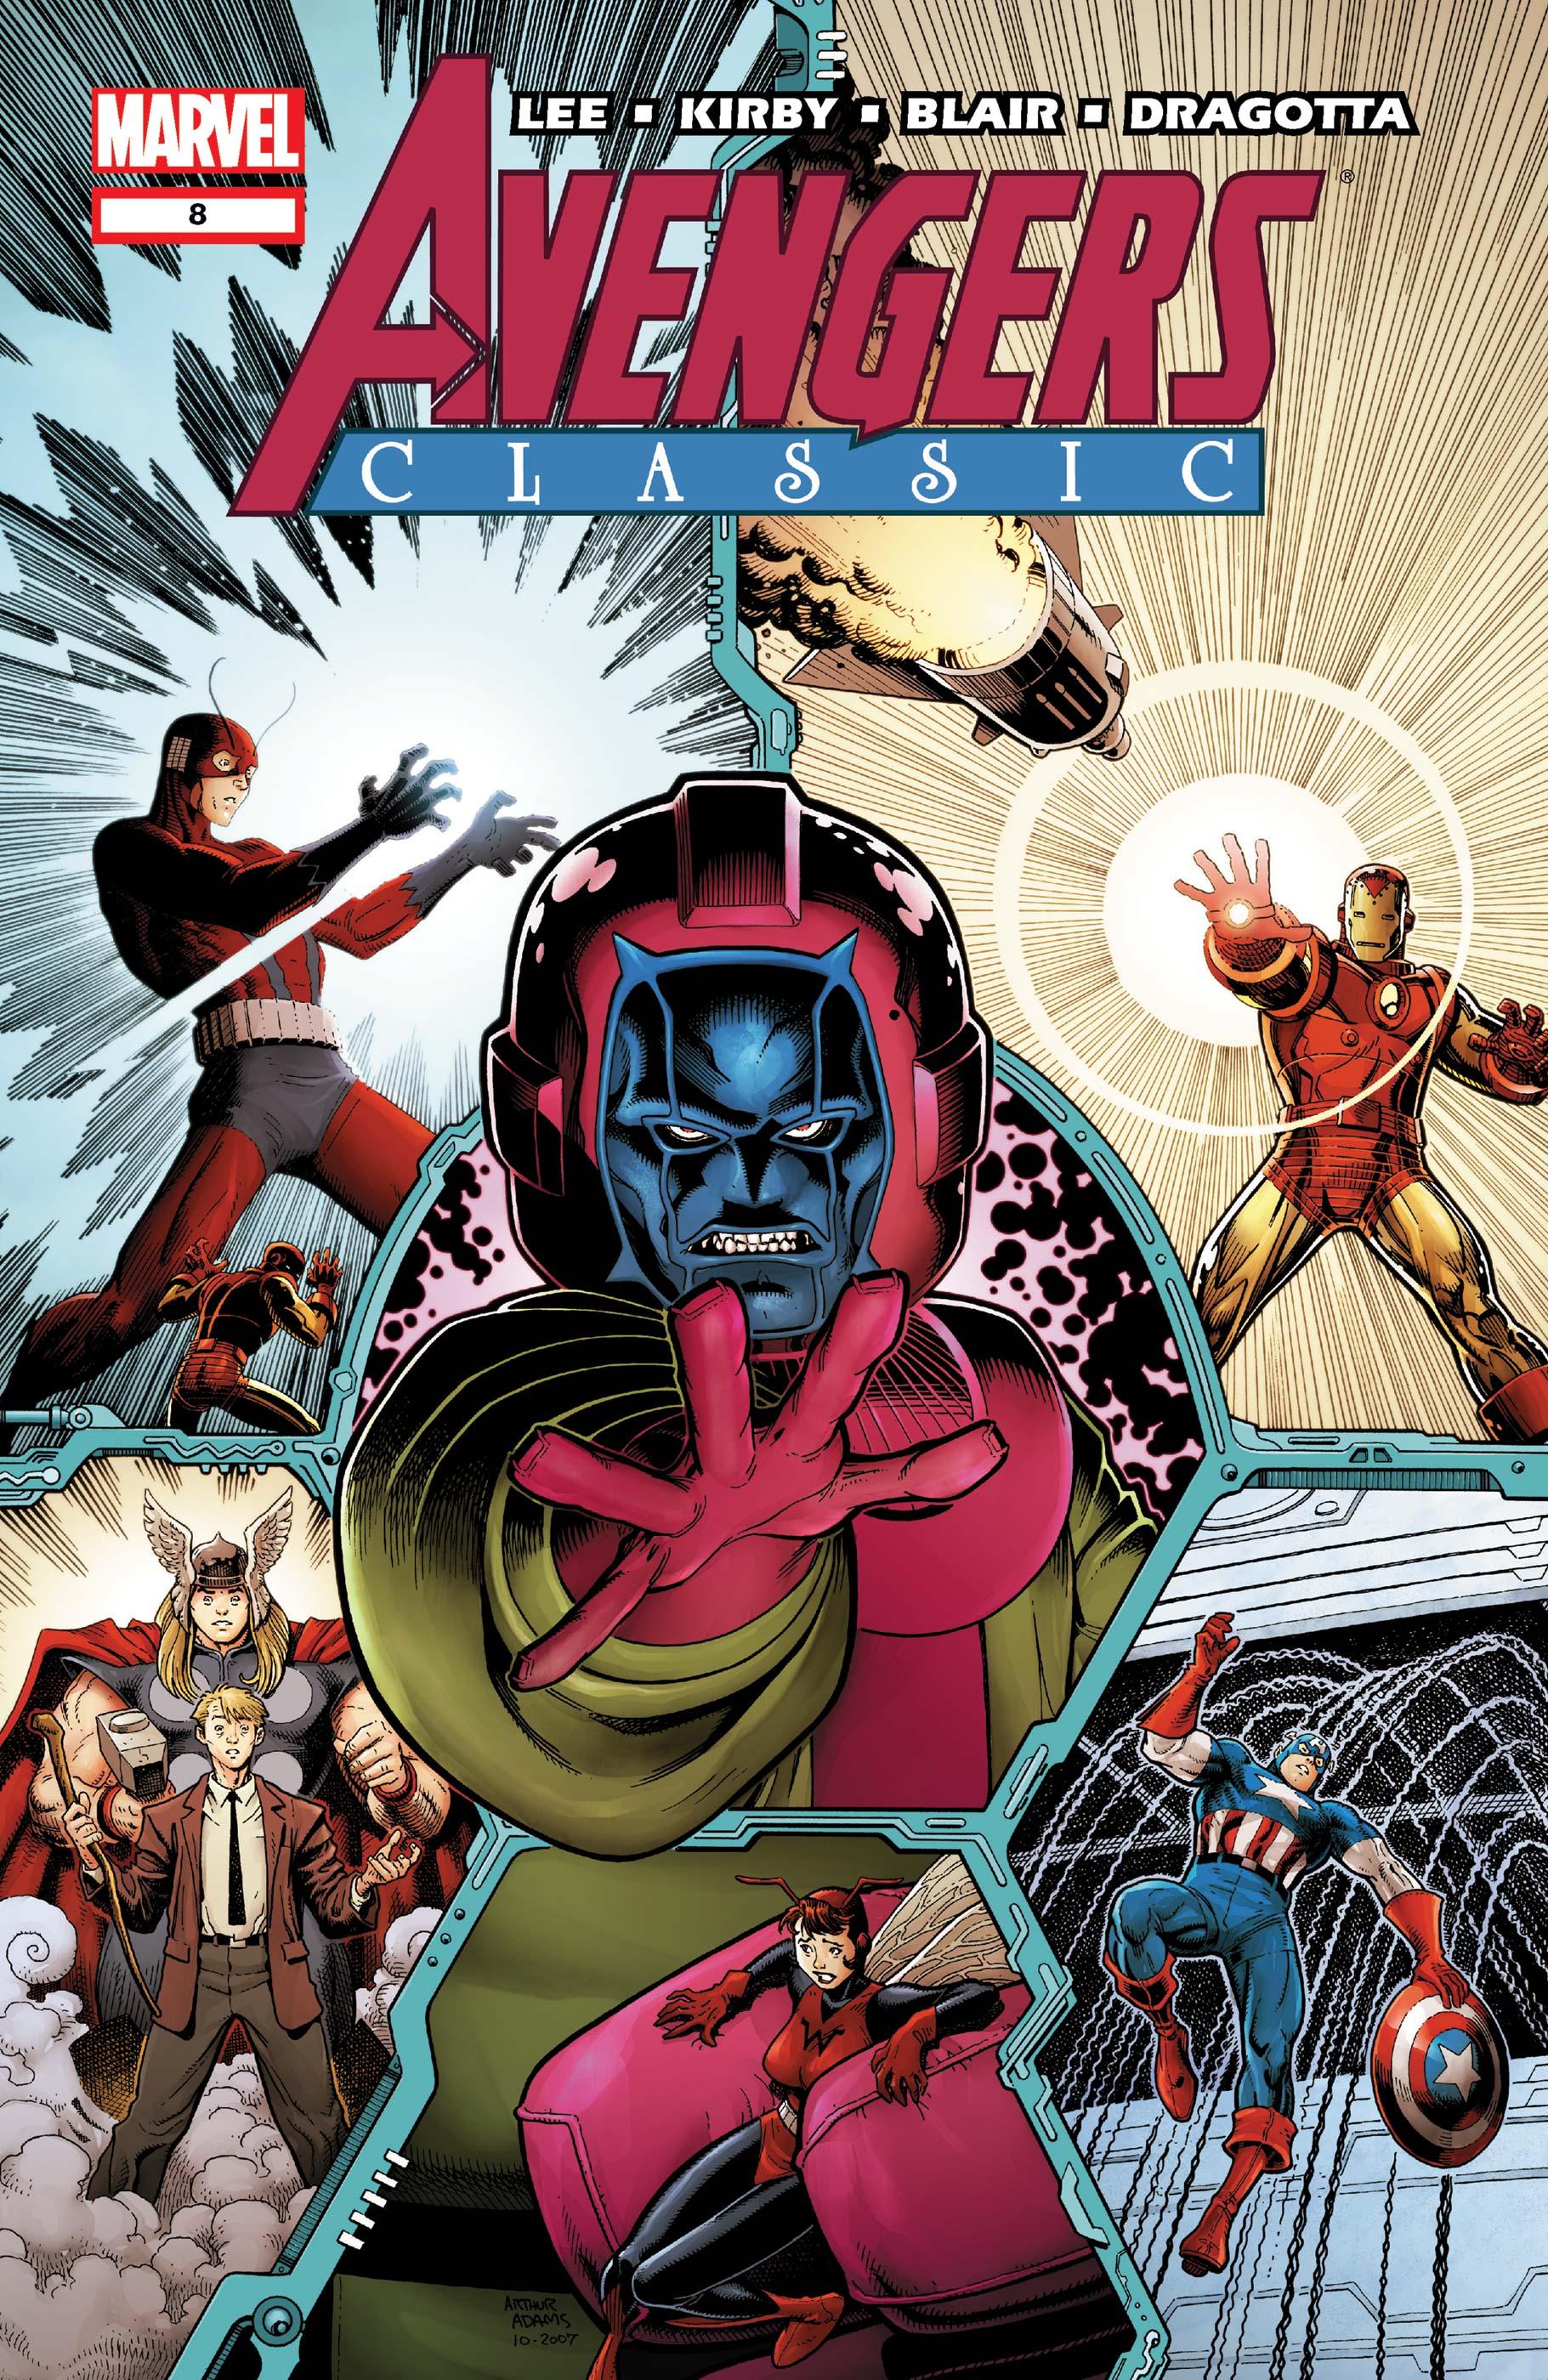 Avengers Classic (2007) #8